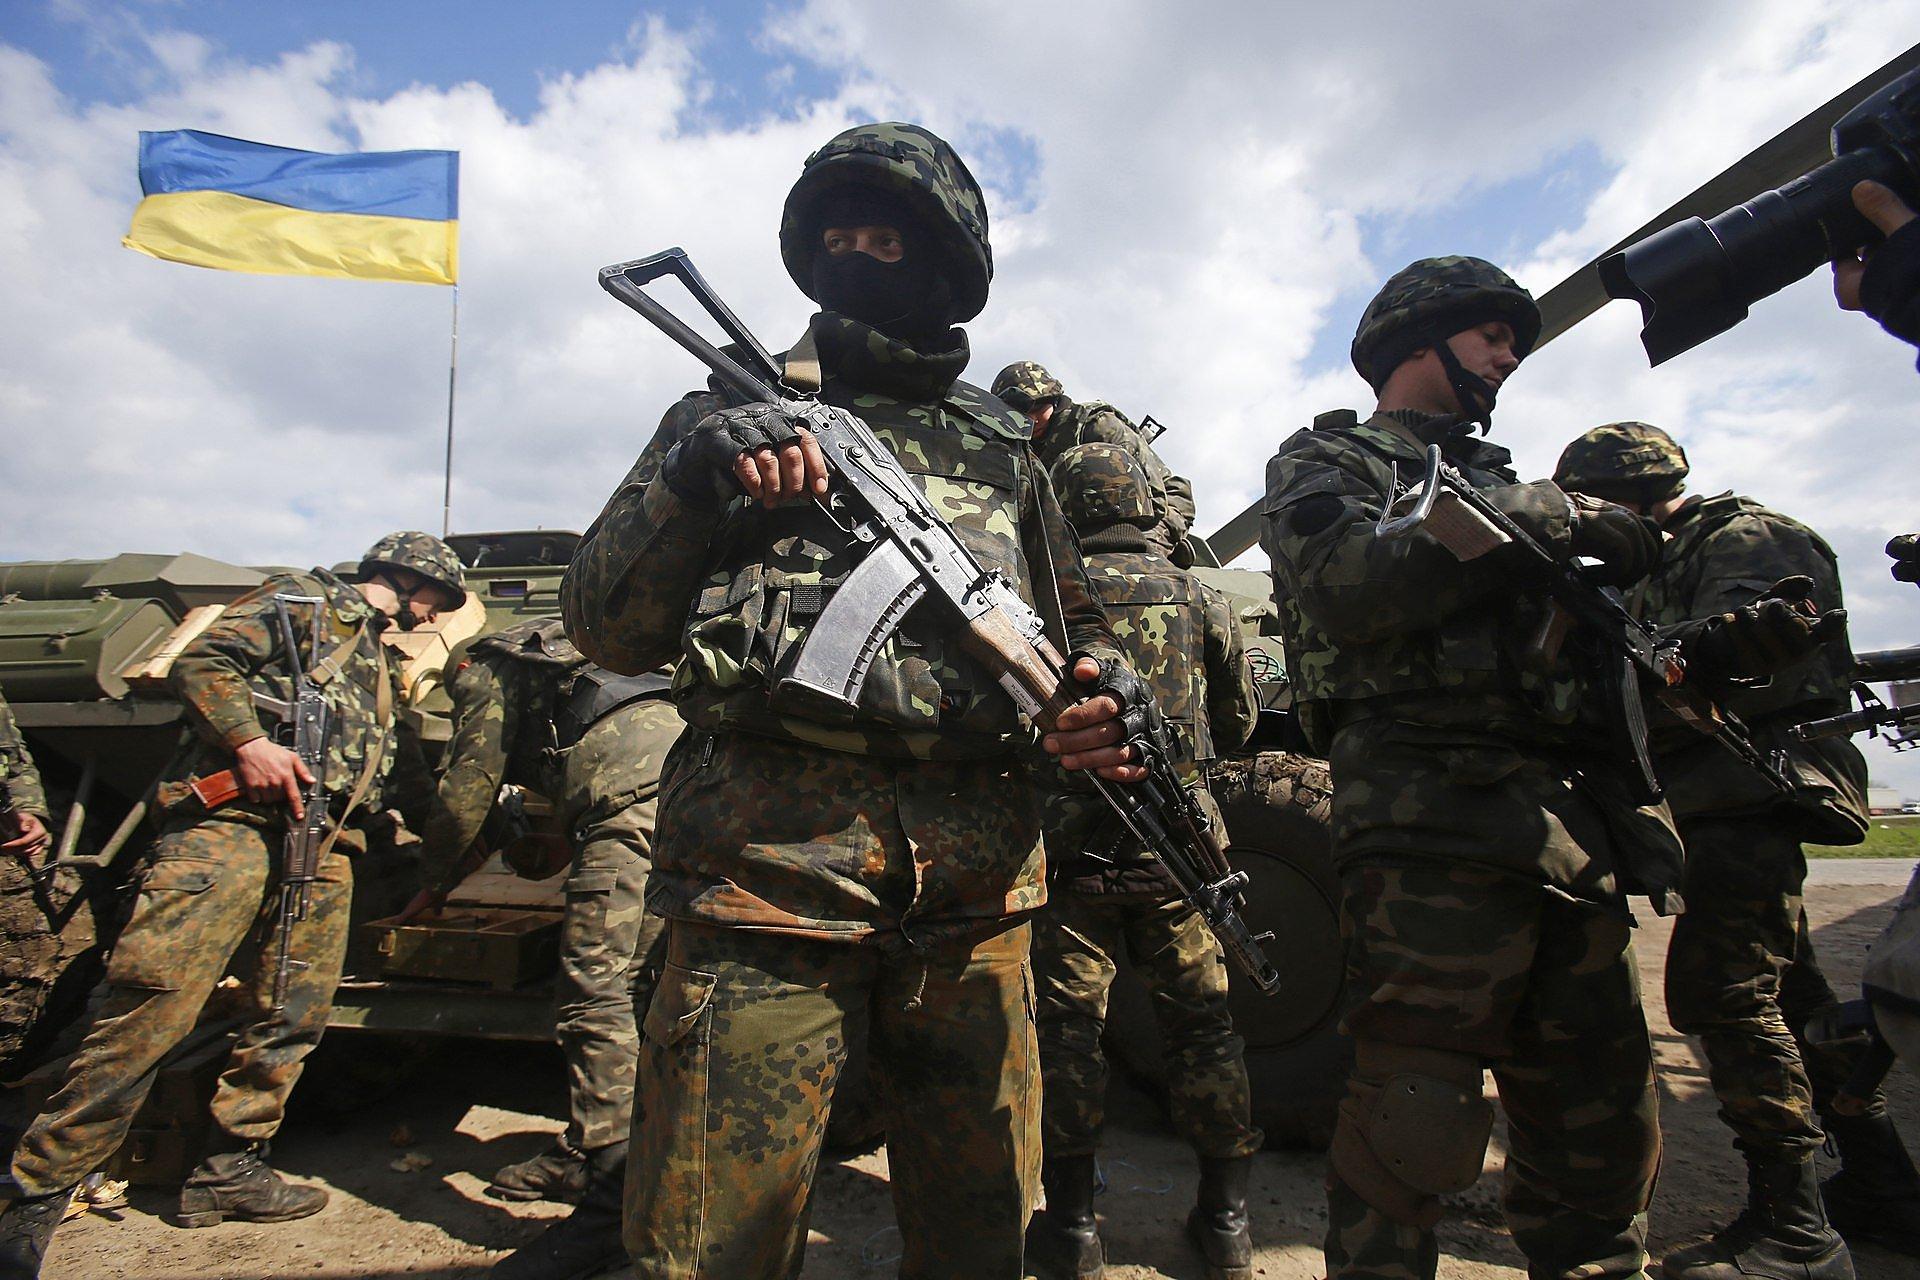 Служили в украинской армии: стало известно о смертельном конфликте иностранцев в зоне АТО